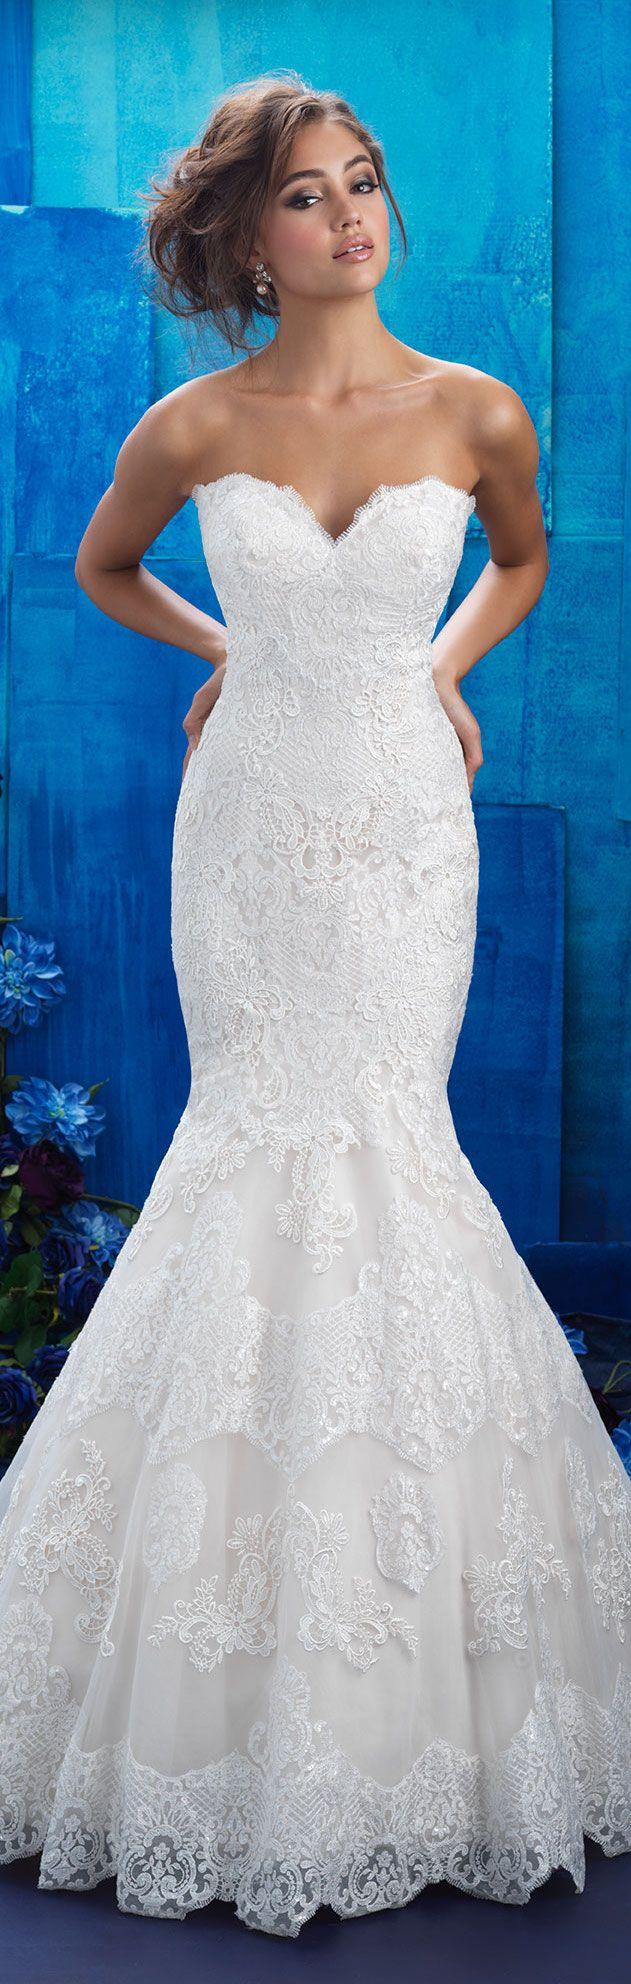 Strapless lace wedding gown by Allure Bridals 2017 | @allurebridals ...